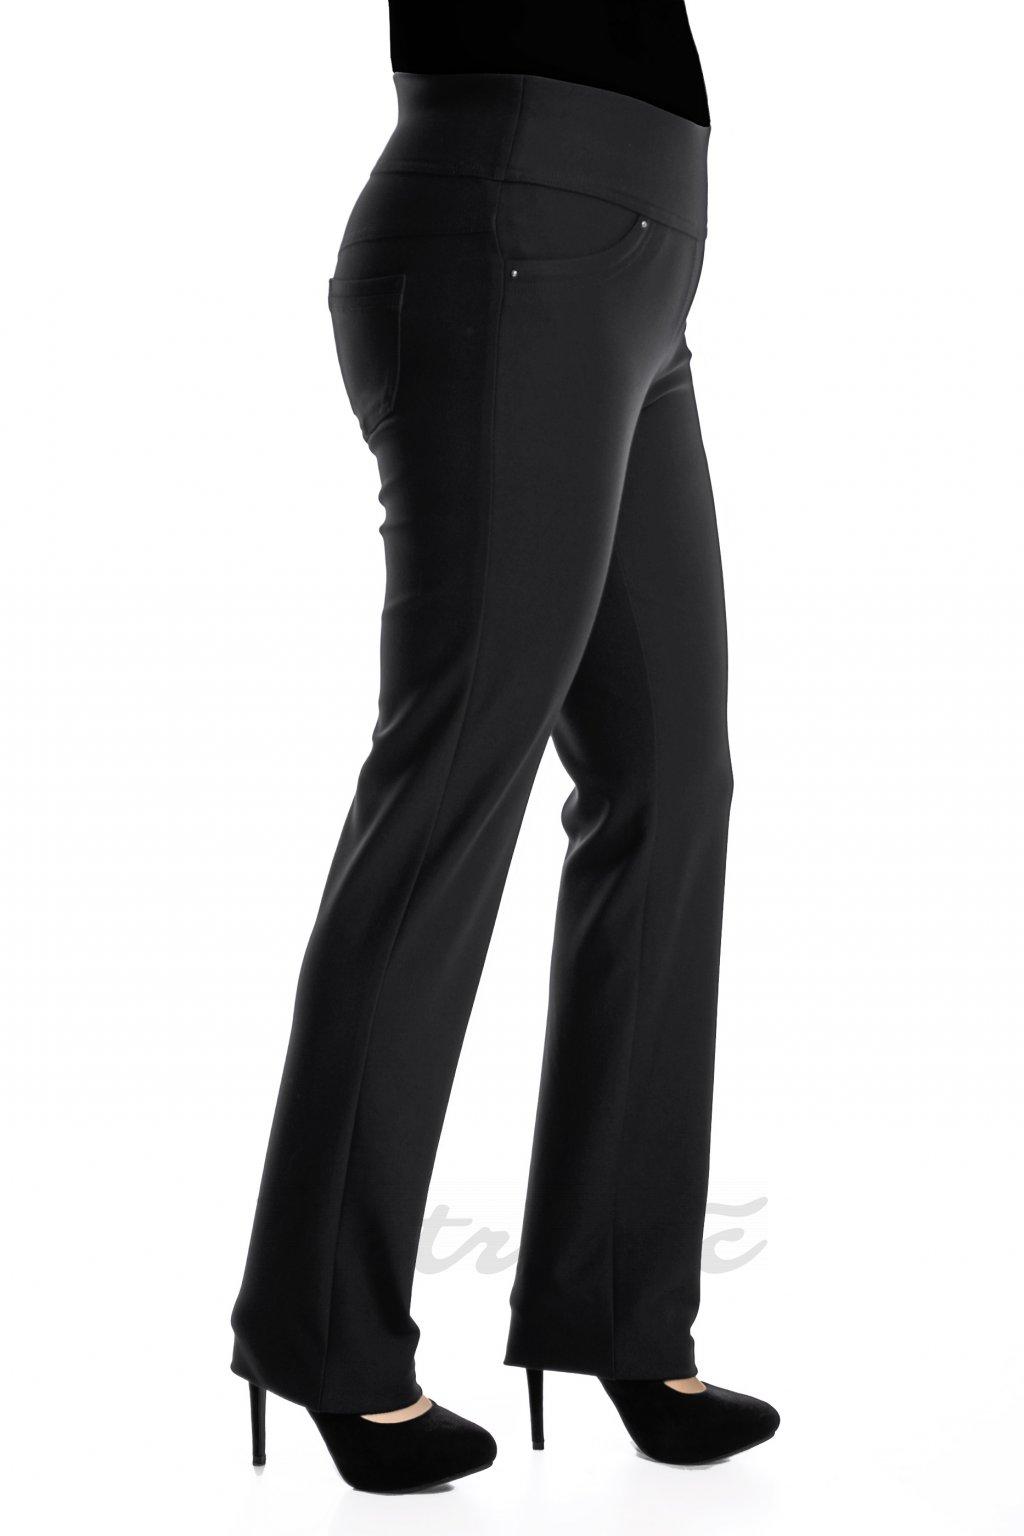 50T Kalhoty vysoký pas o40 (2)